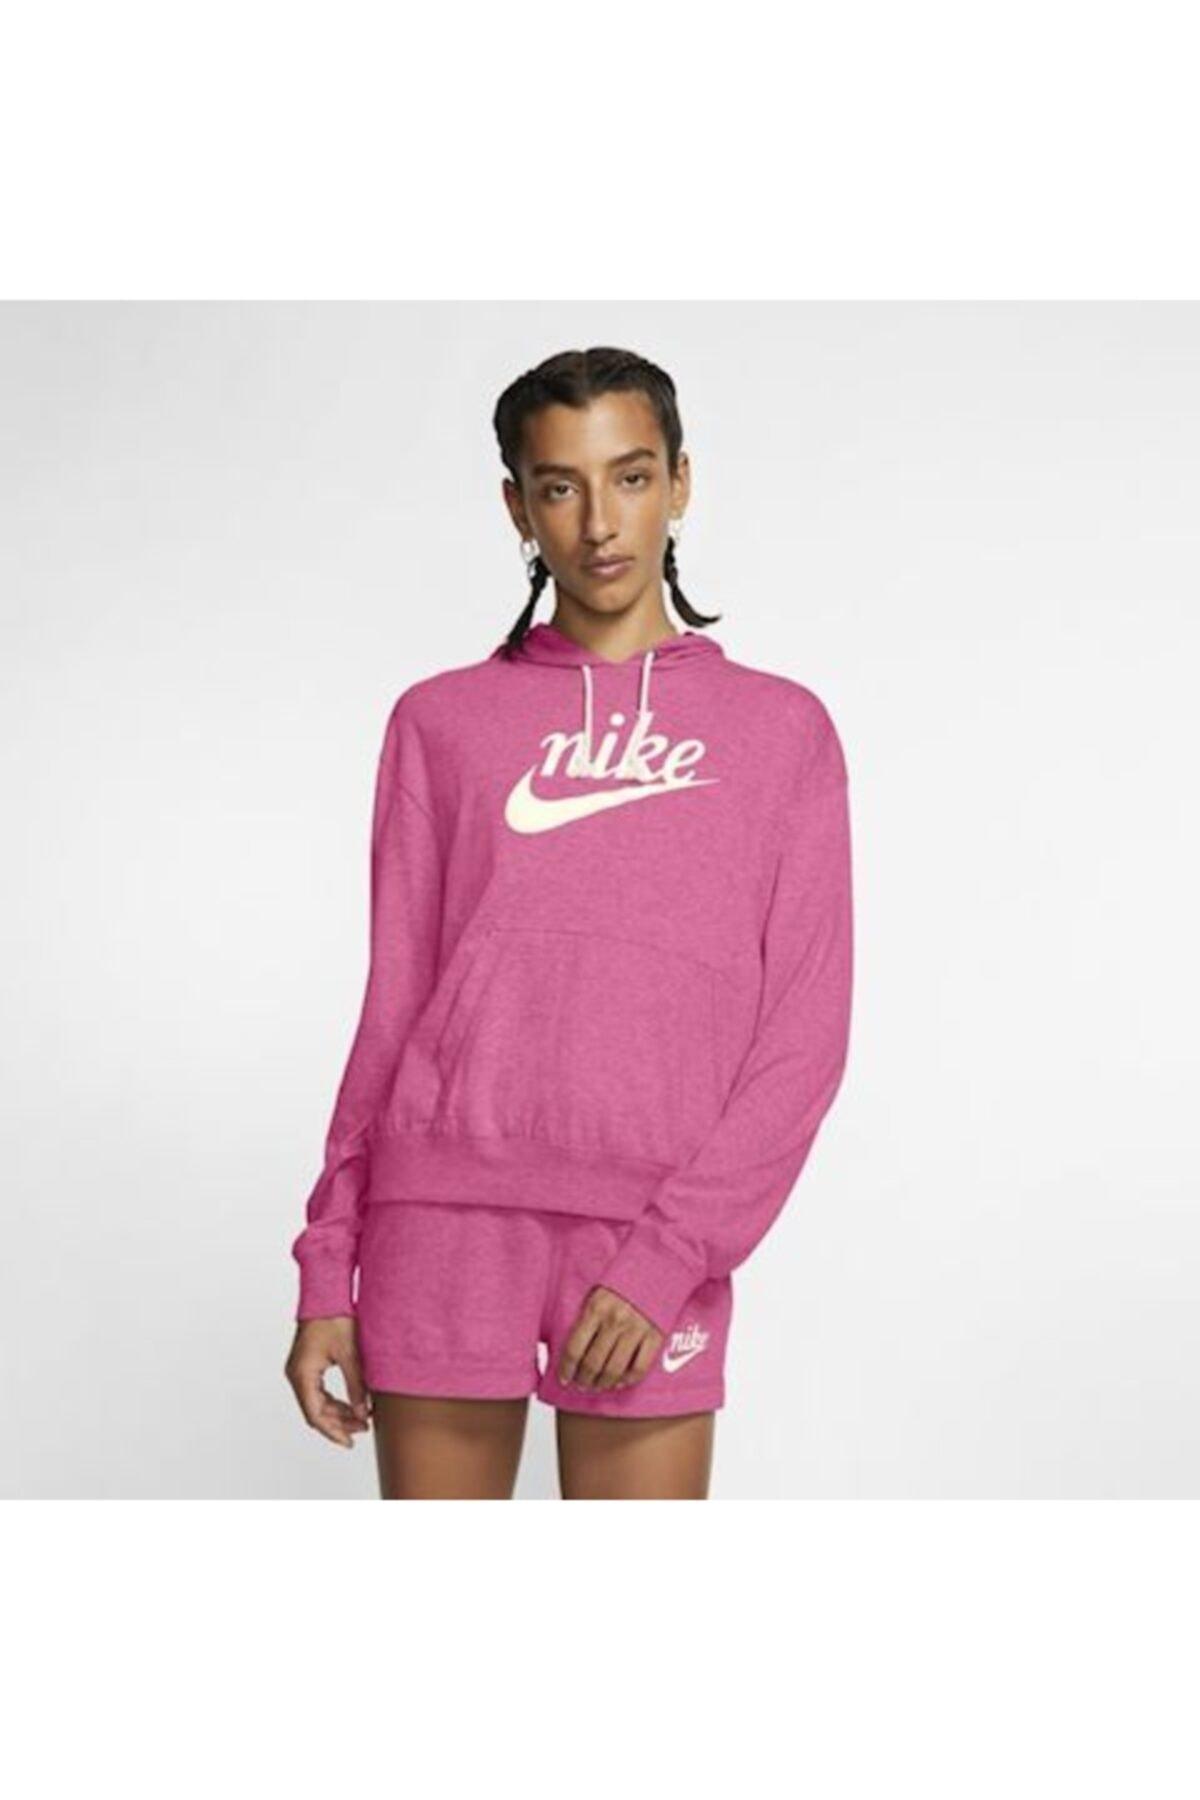 Kadın Sportswear Gym Vintage Hoodie Cj1691 684